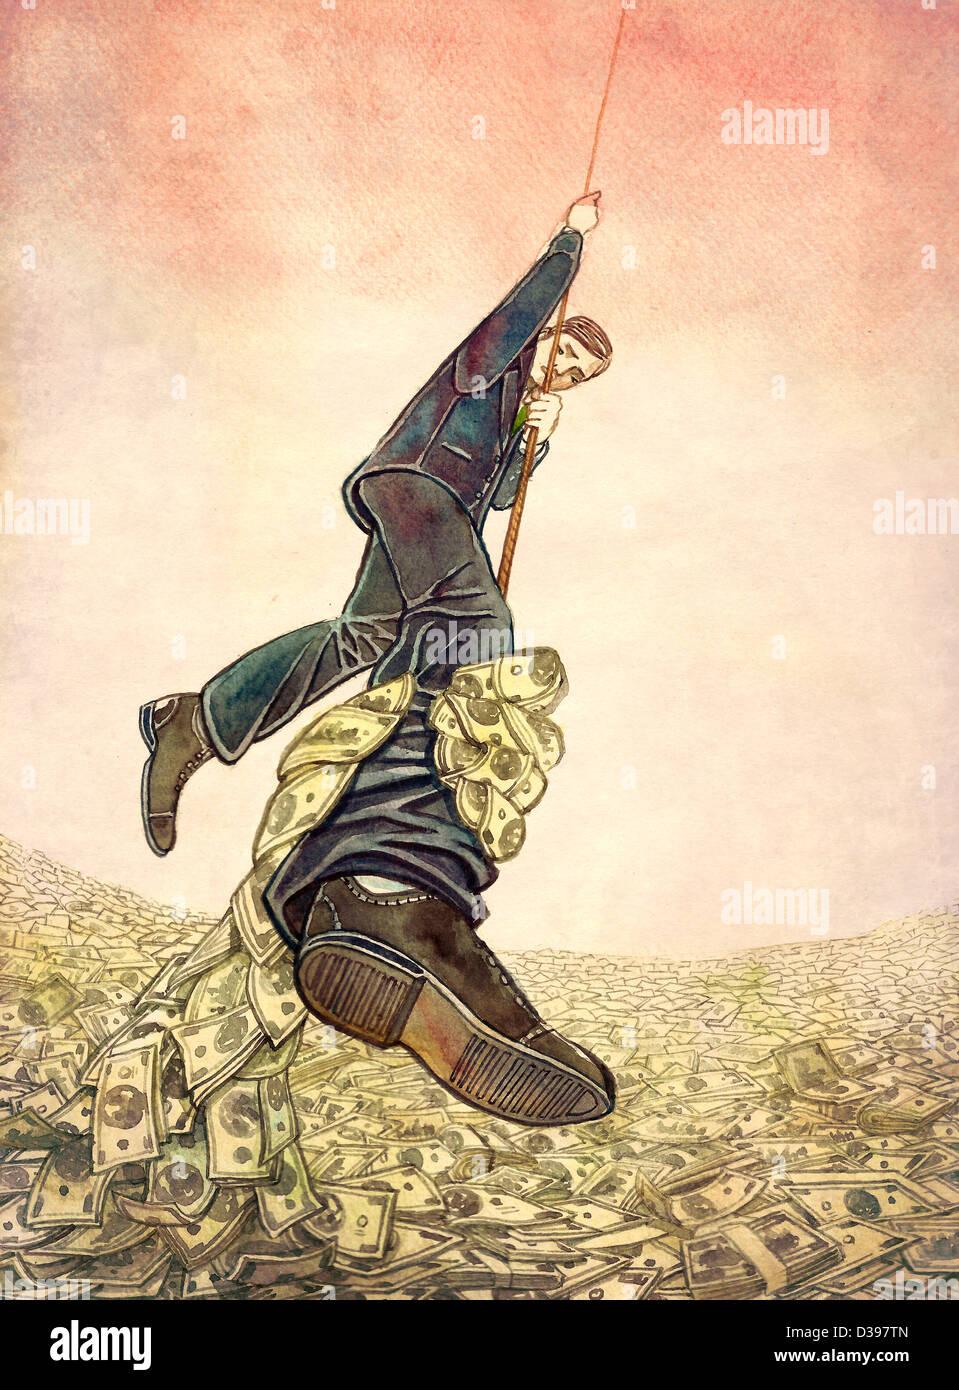 Imprenditore appeso sulla corda mentre denaro prendendola per mano dalla gamba raffigurante uomo debito resistente Immagini Stock